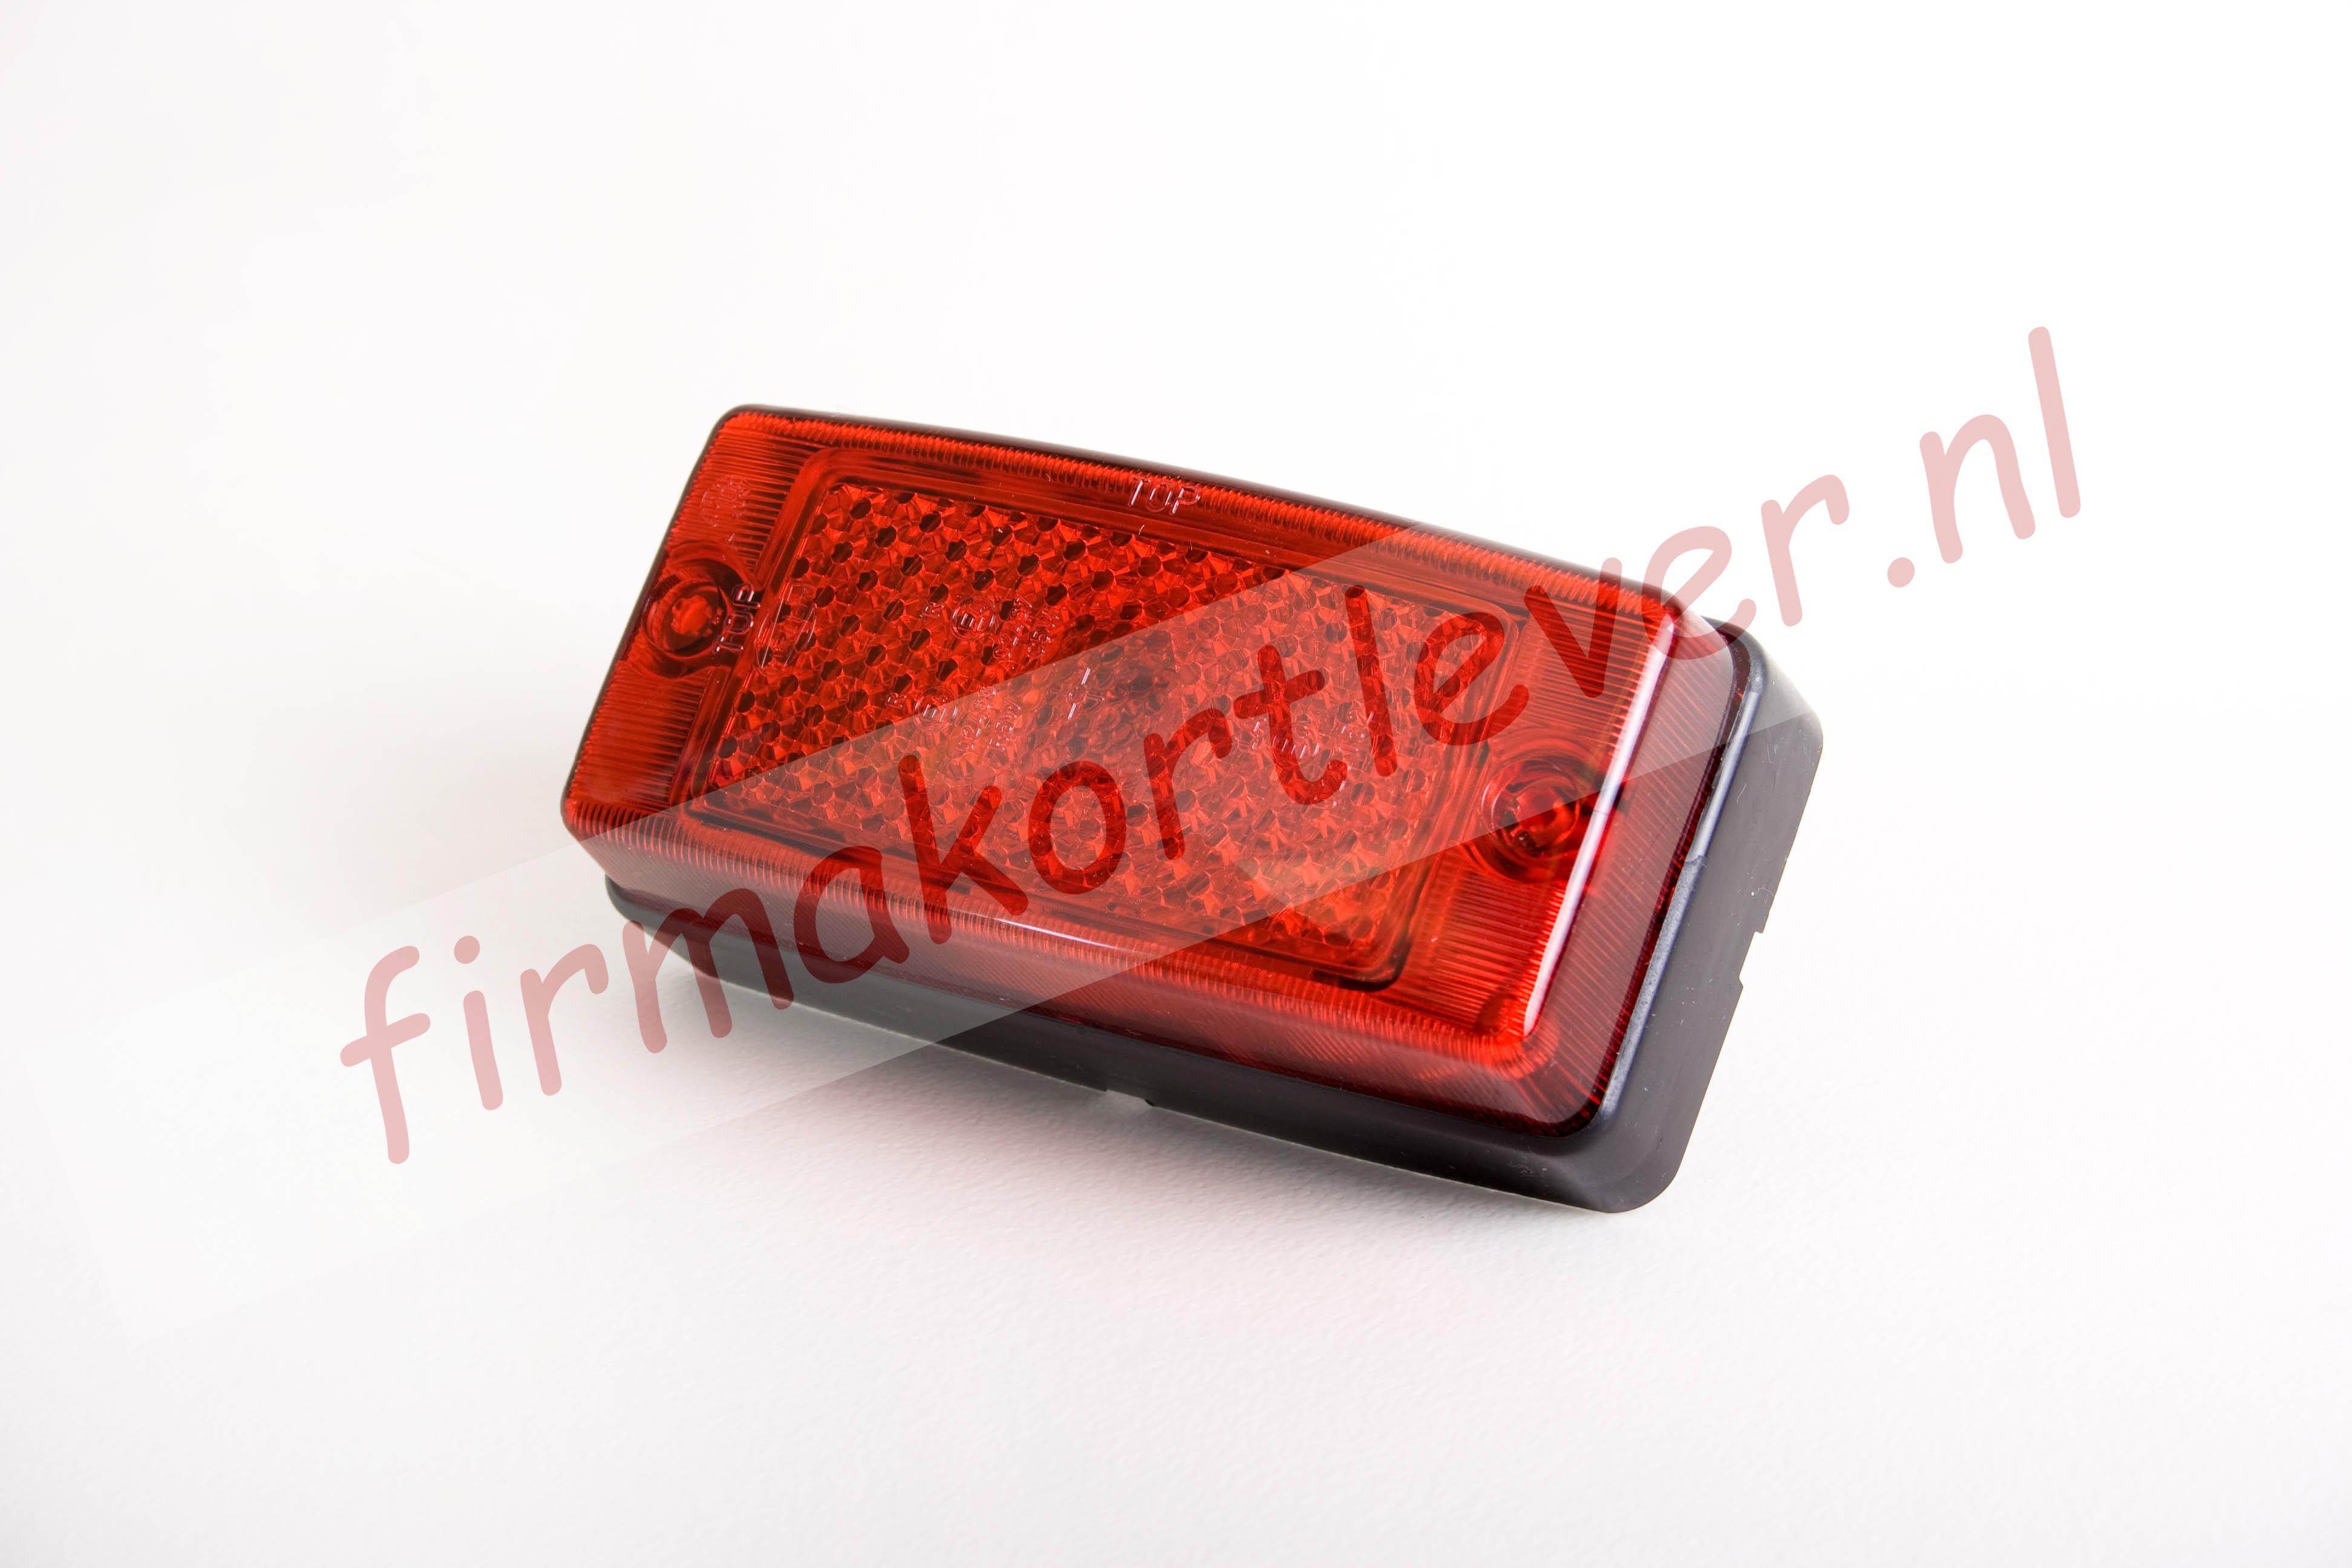 Hella markeringslamp rood met reflector firma kortlever for Hella verlichting